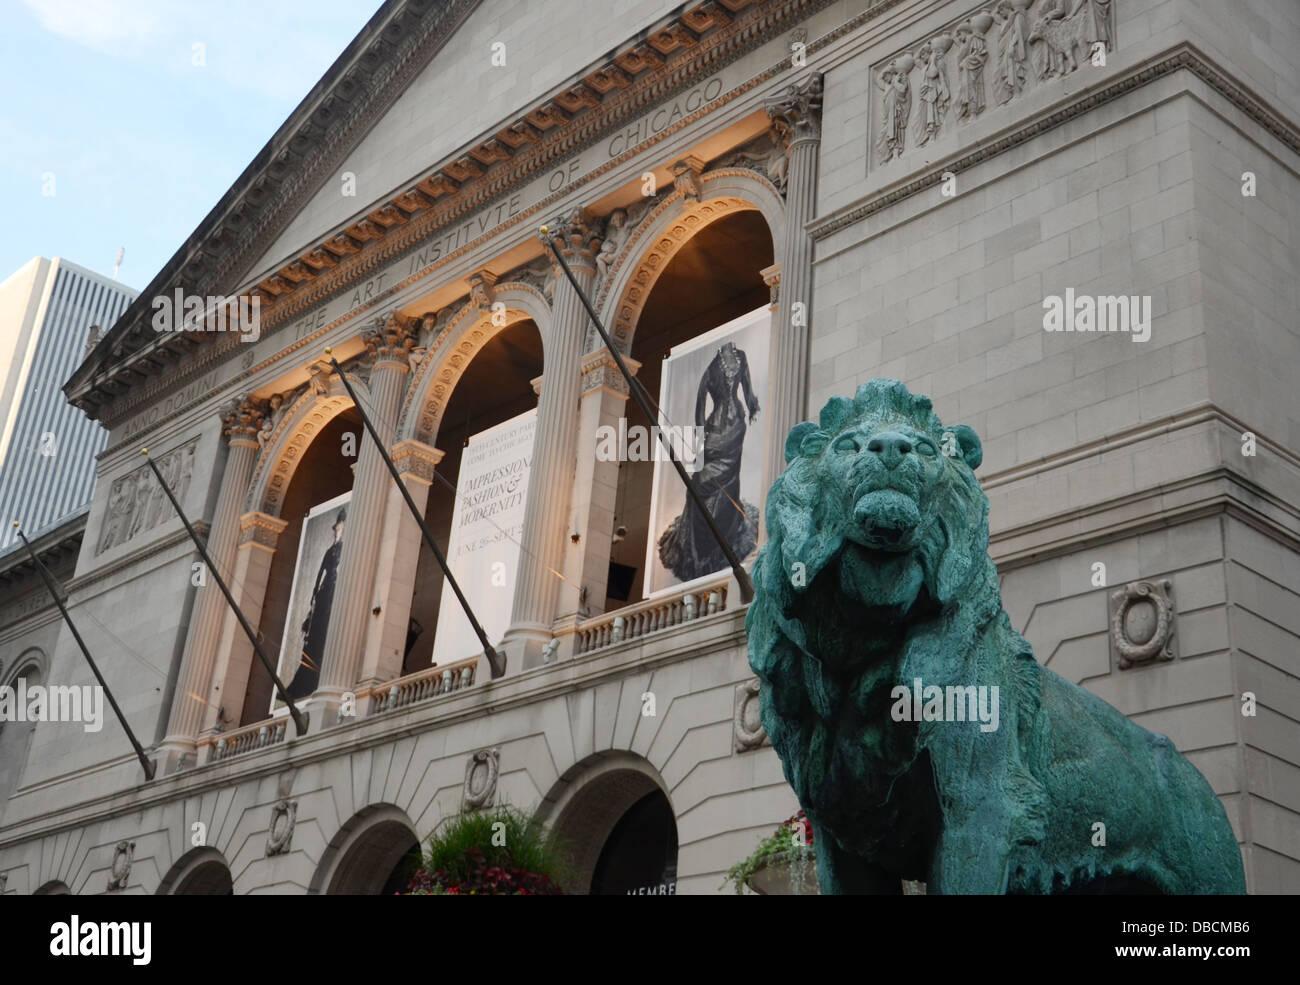 CHICAGO - 18 luglio: L'Art Institute of Chicago è mostrato qui sulla luglio 18, 2013. Immagini Stock